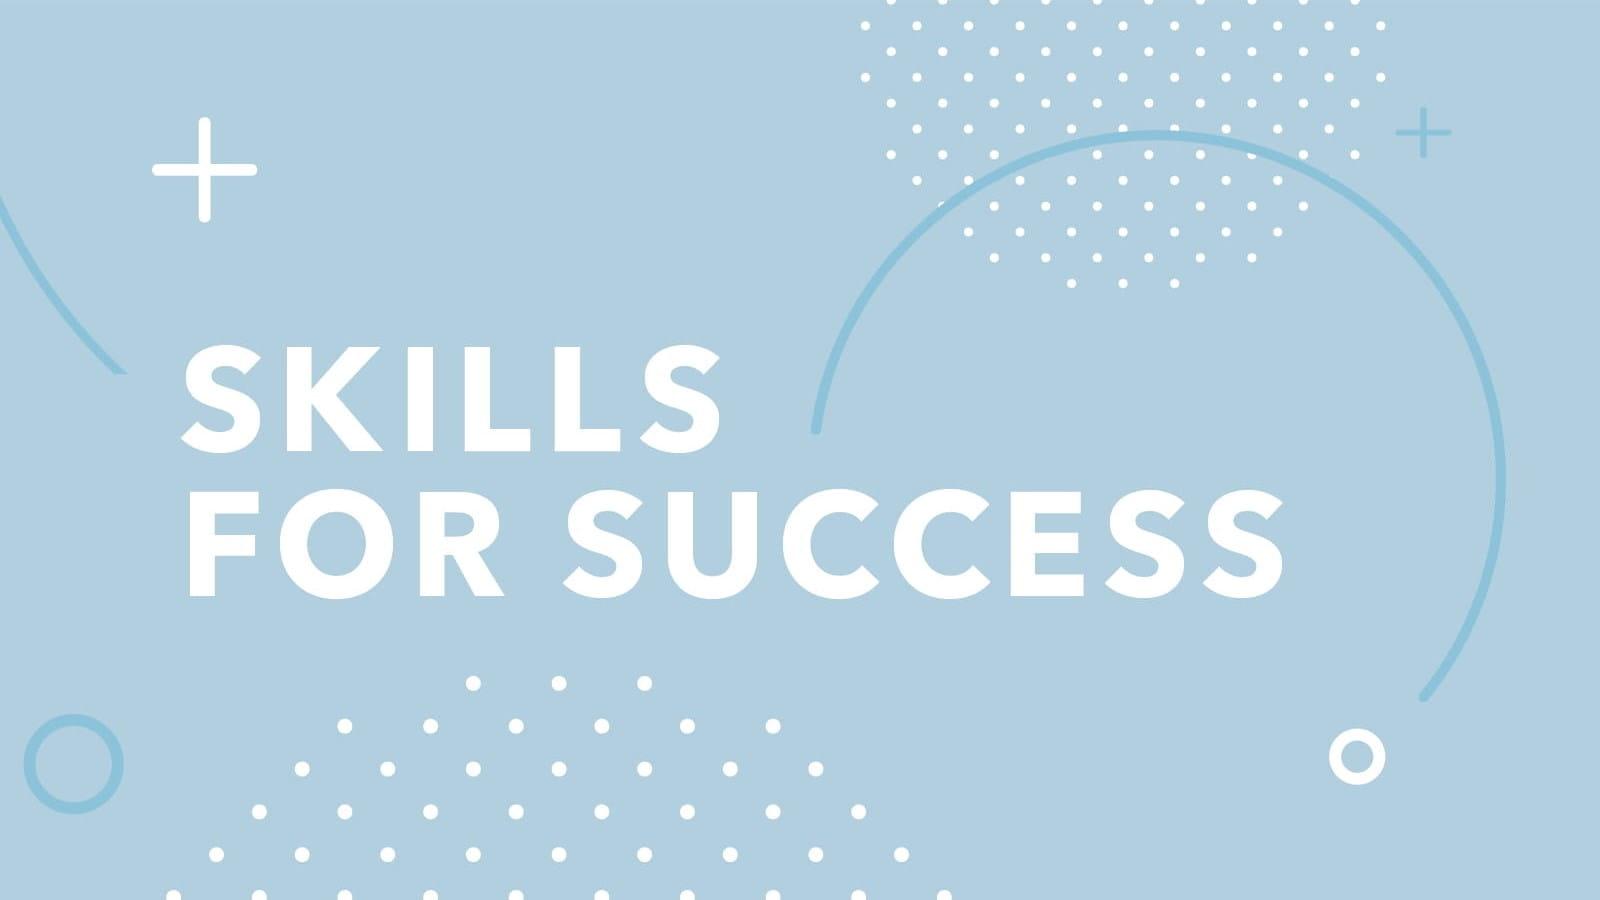 skillsdec